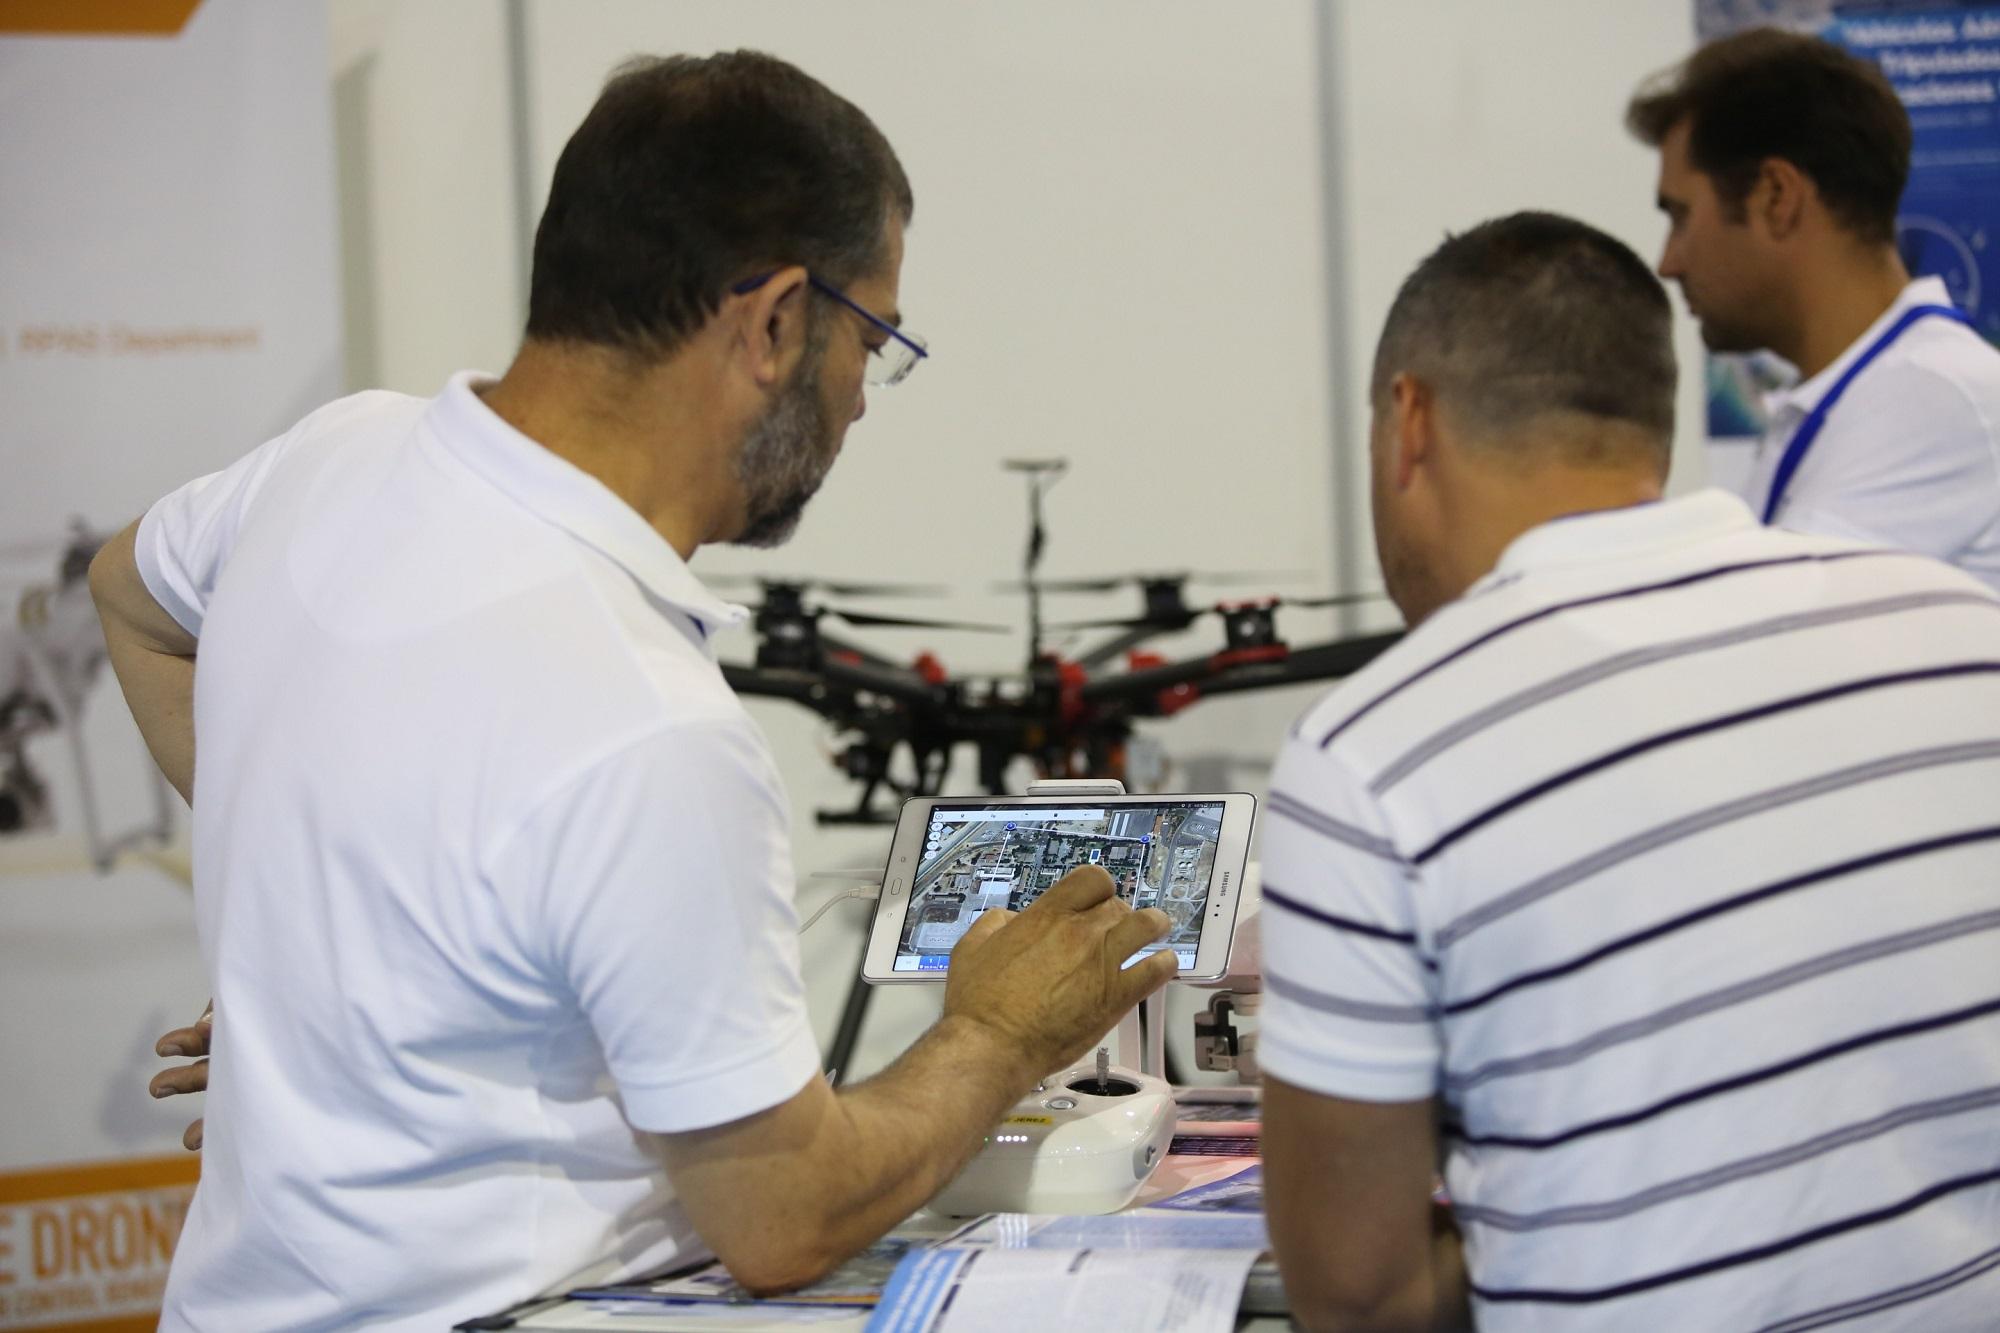 El Salón Hi!drone Technology suma más de 2.900 profesionales en su primera edición